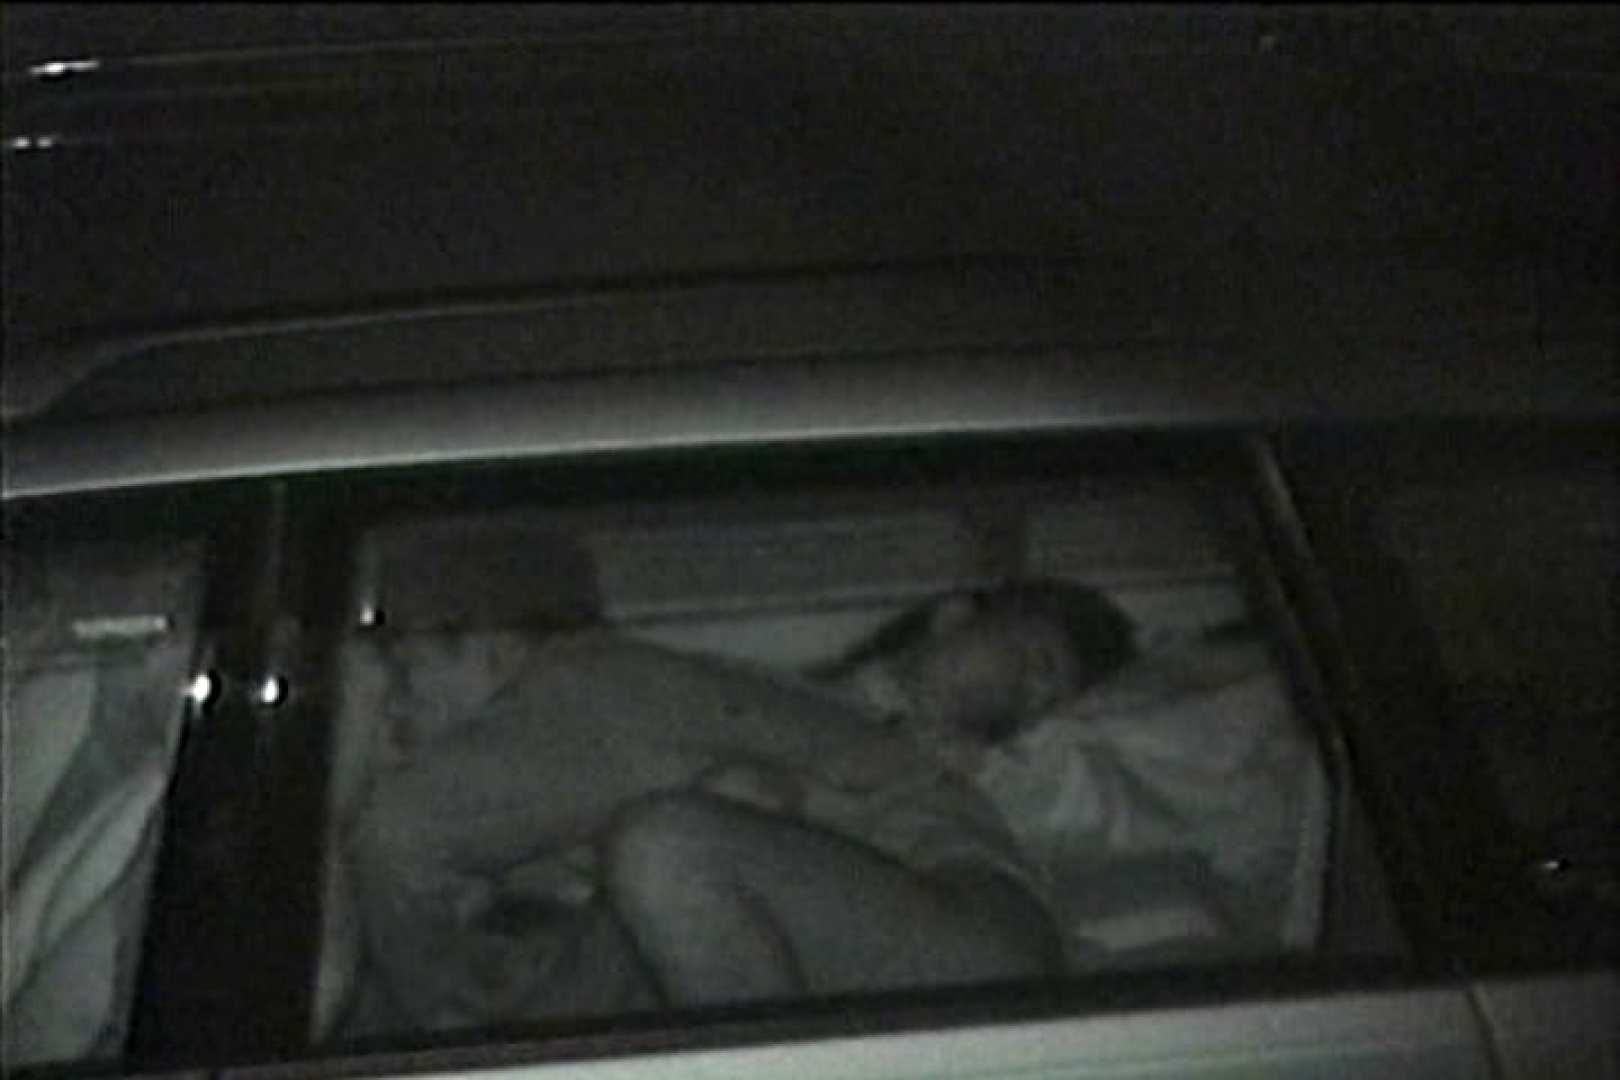 車の中はラブホテル 無修正版  Vol.7 カーセックス 性交動画流出 81画像 55